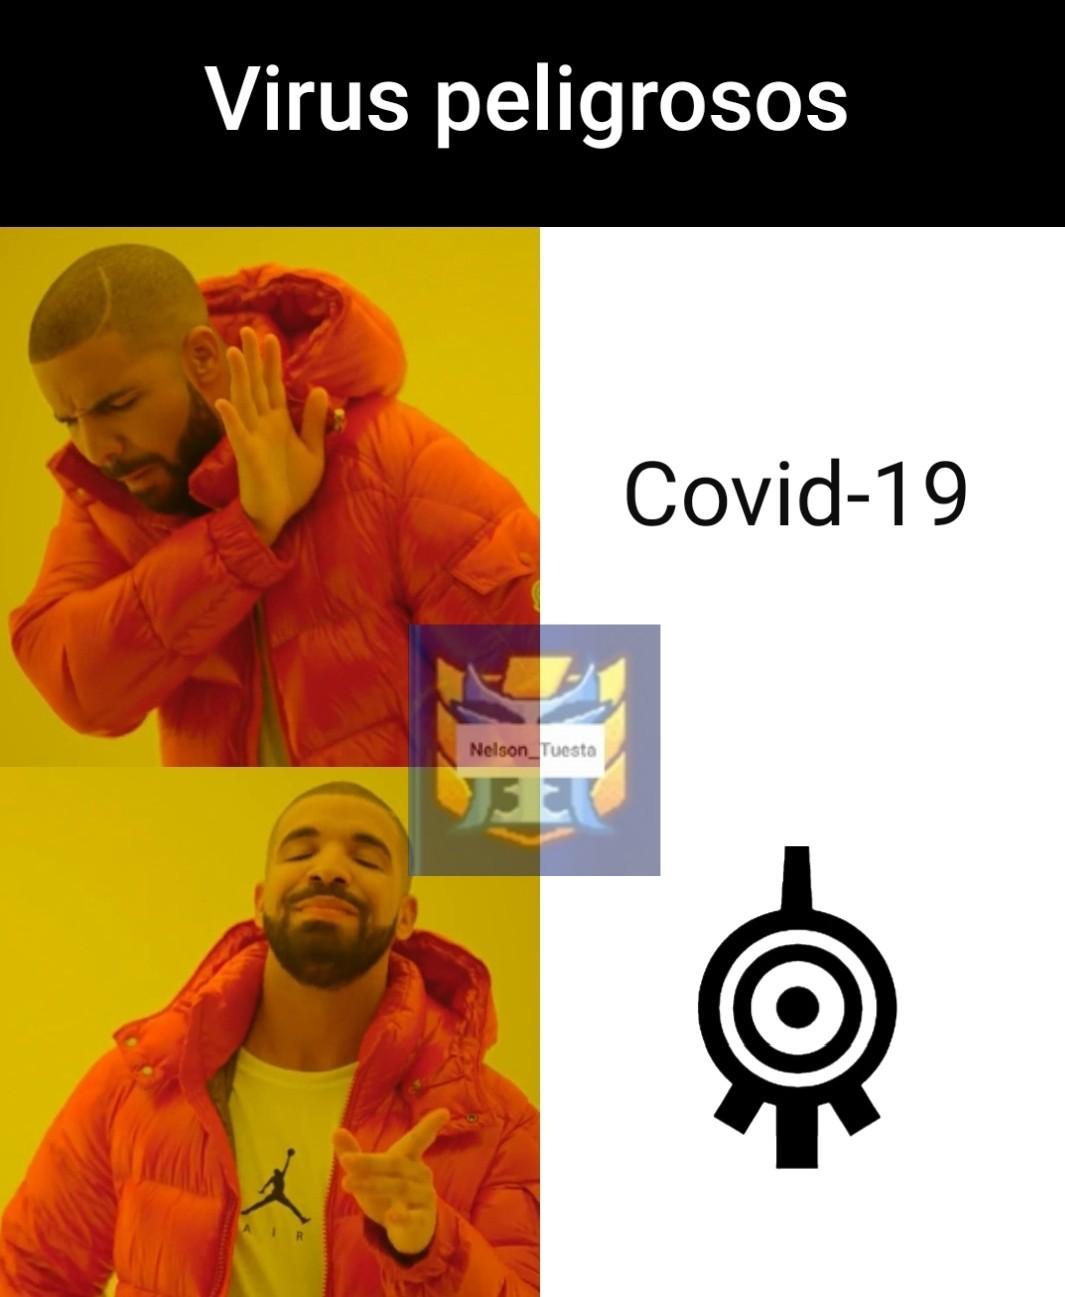 XANA Código Lyoko - meme